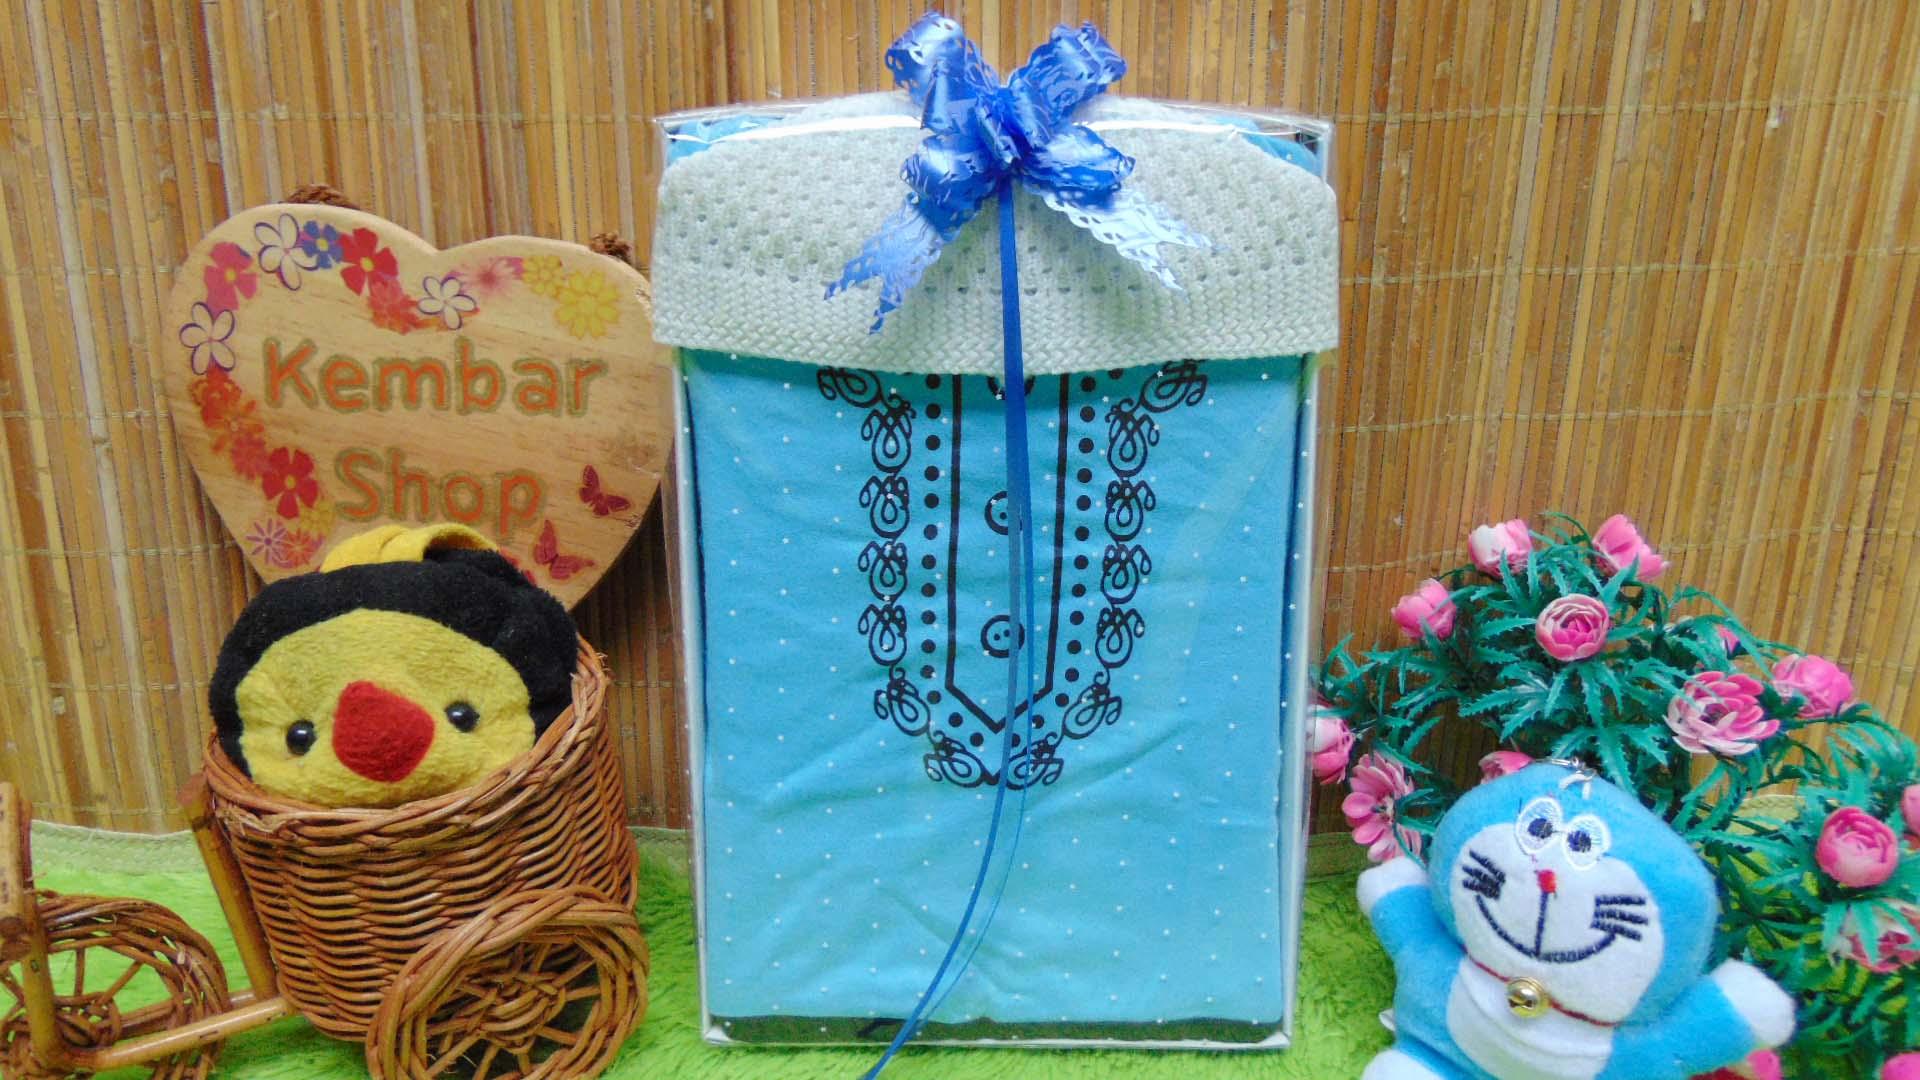 FREE KARTU UCAPAN paket kado lahiran bayi baby gift set box Romper bayi muslim Plus peci Aneka Warna (3)